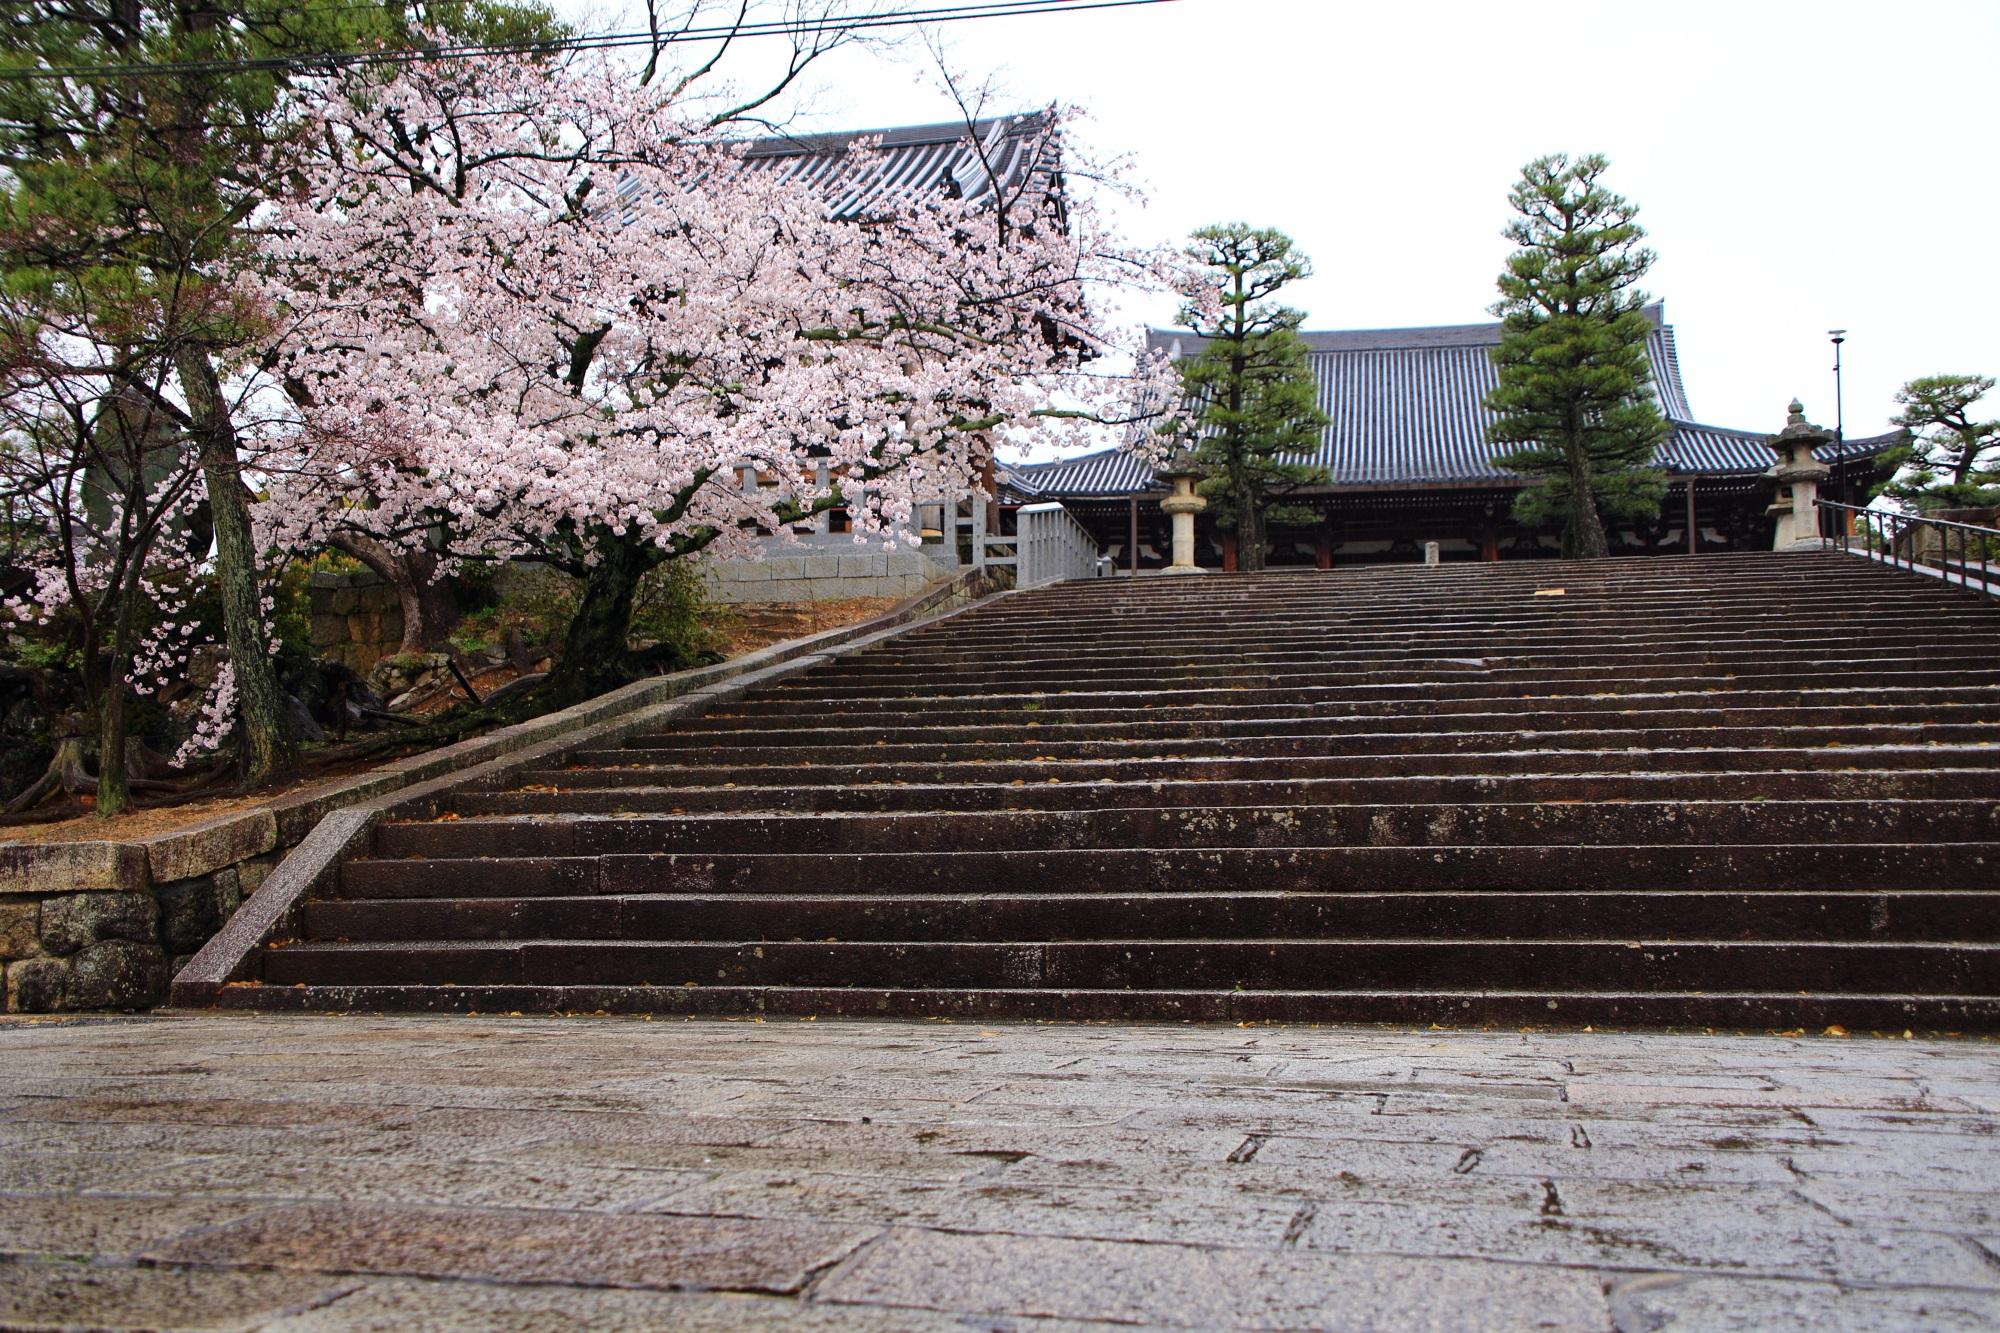 石段と御影堂と桜